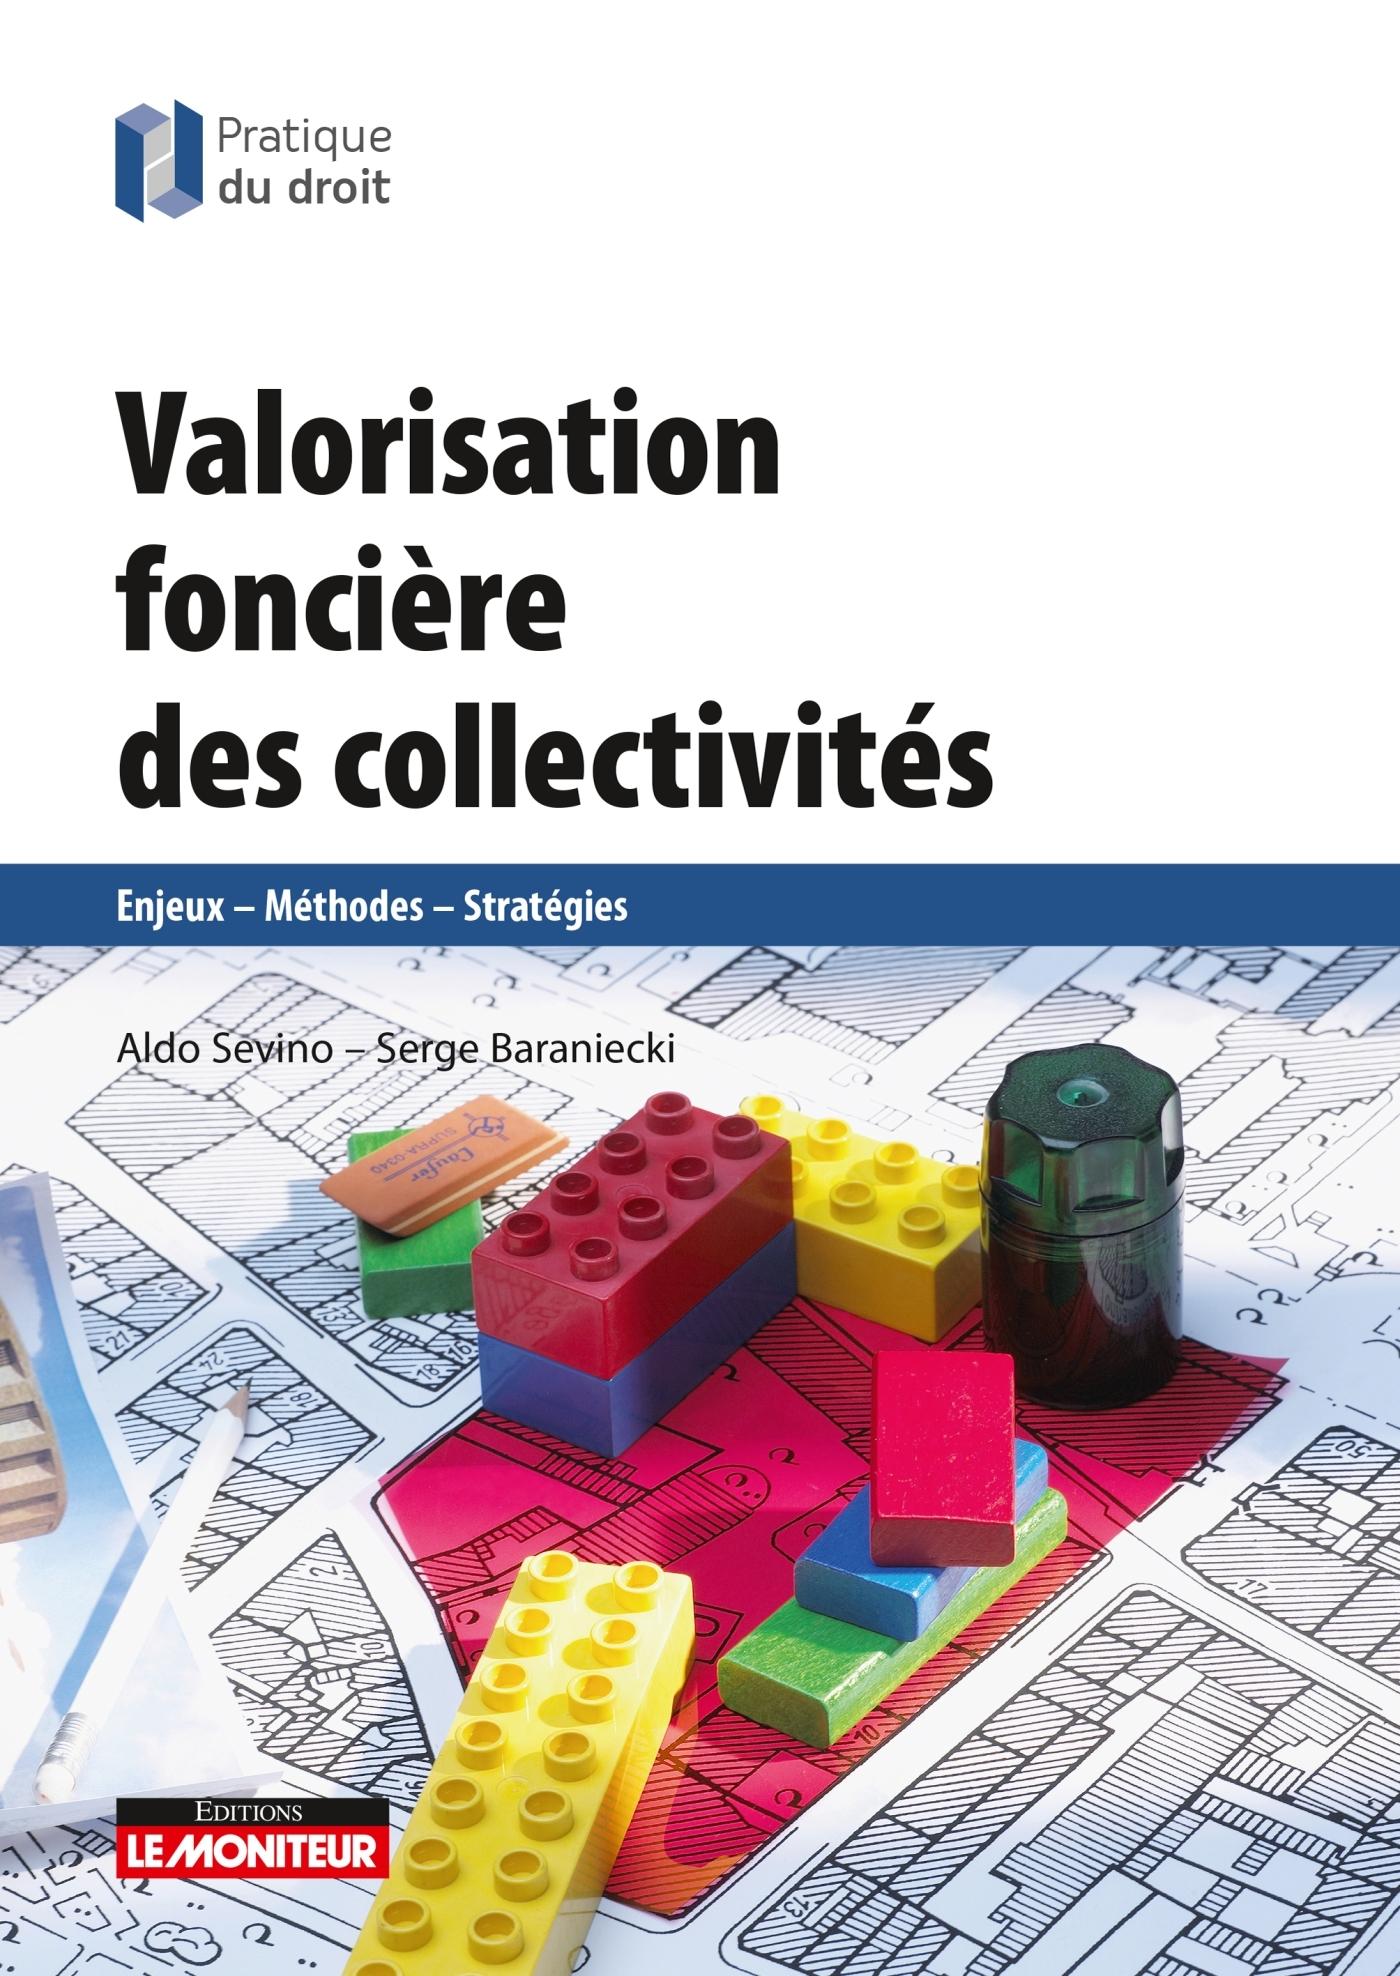 VALORISATION FONCIERE DES COLLECTIVITES - ENJEUX - METHODES - STRATEGIES